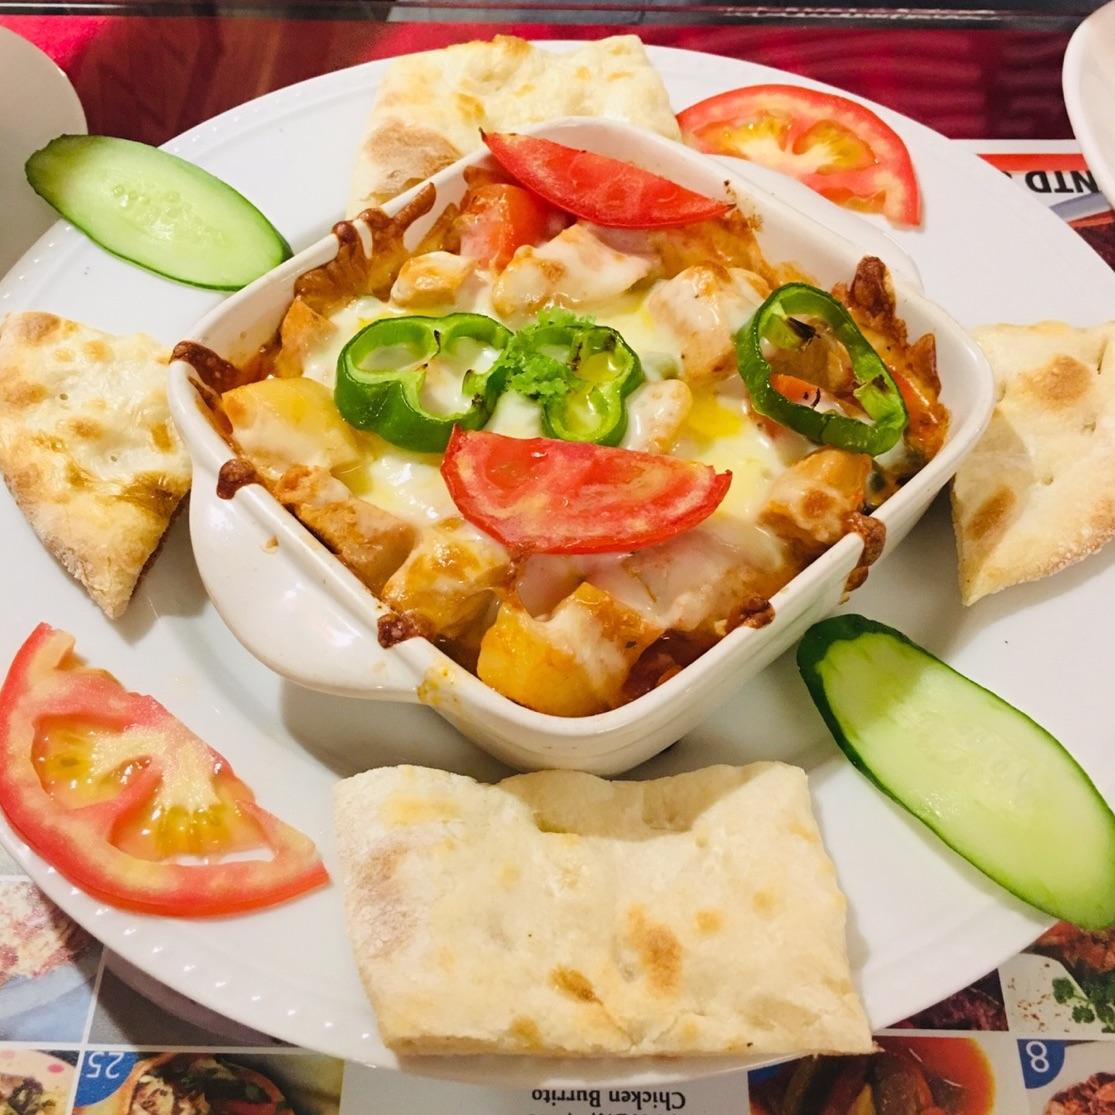 港泰韓馬、印度、土耳其、美墨、以色列料理一籮筐!全台異國料理北中南大集合!